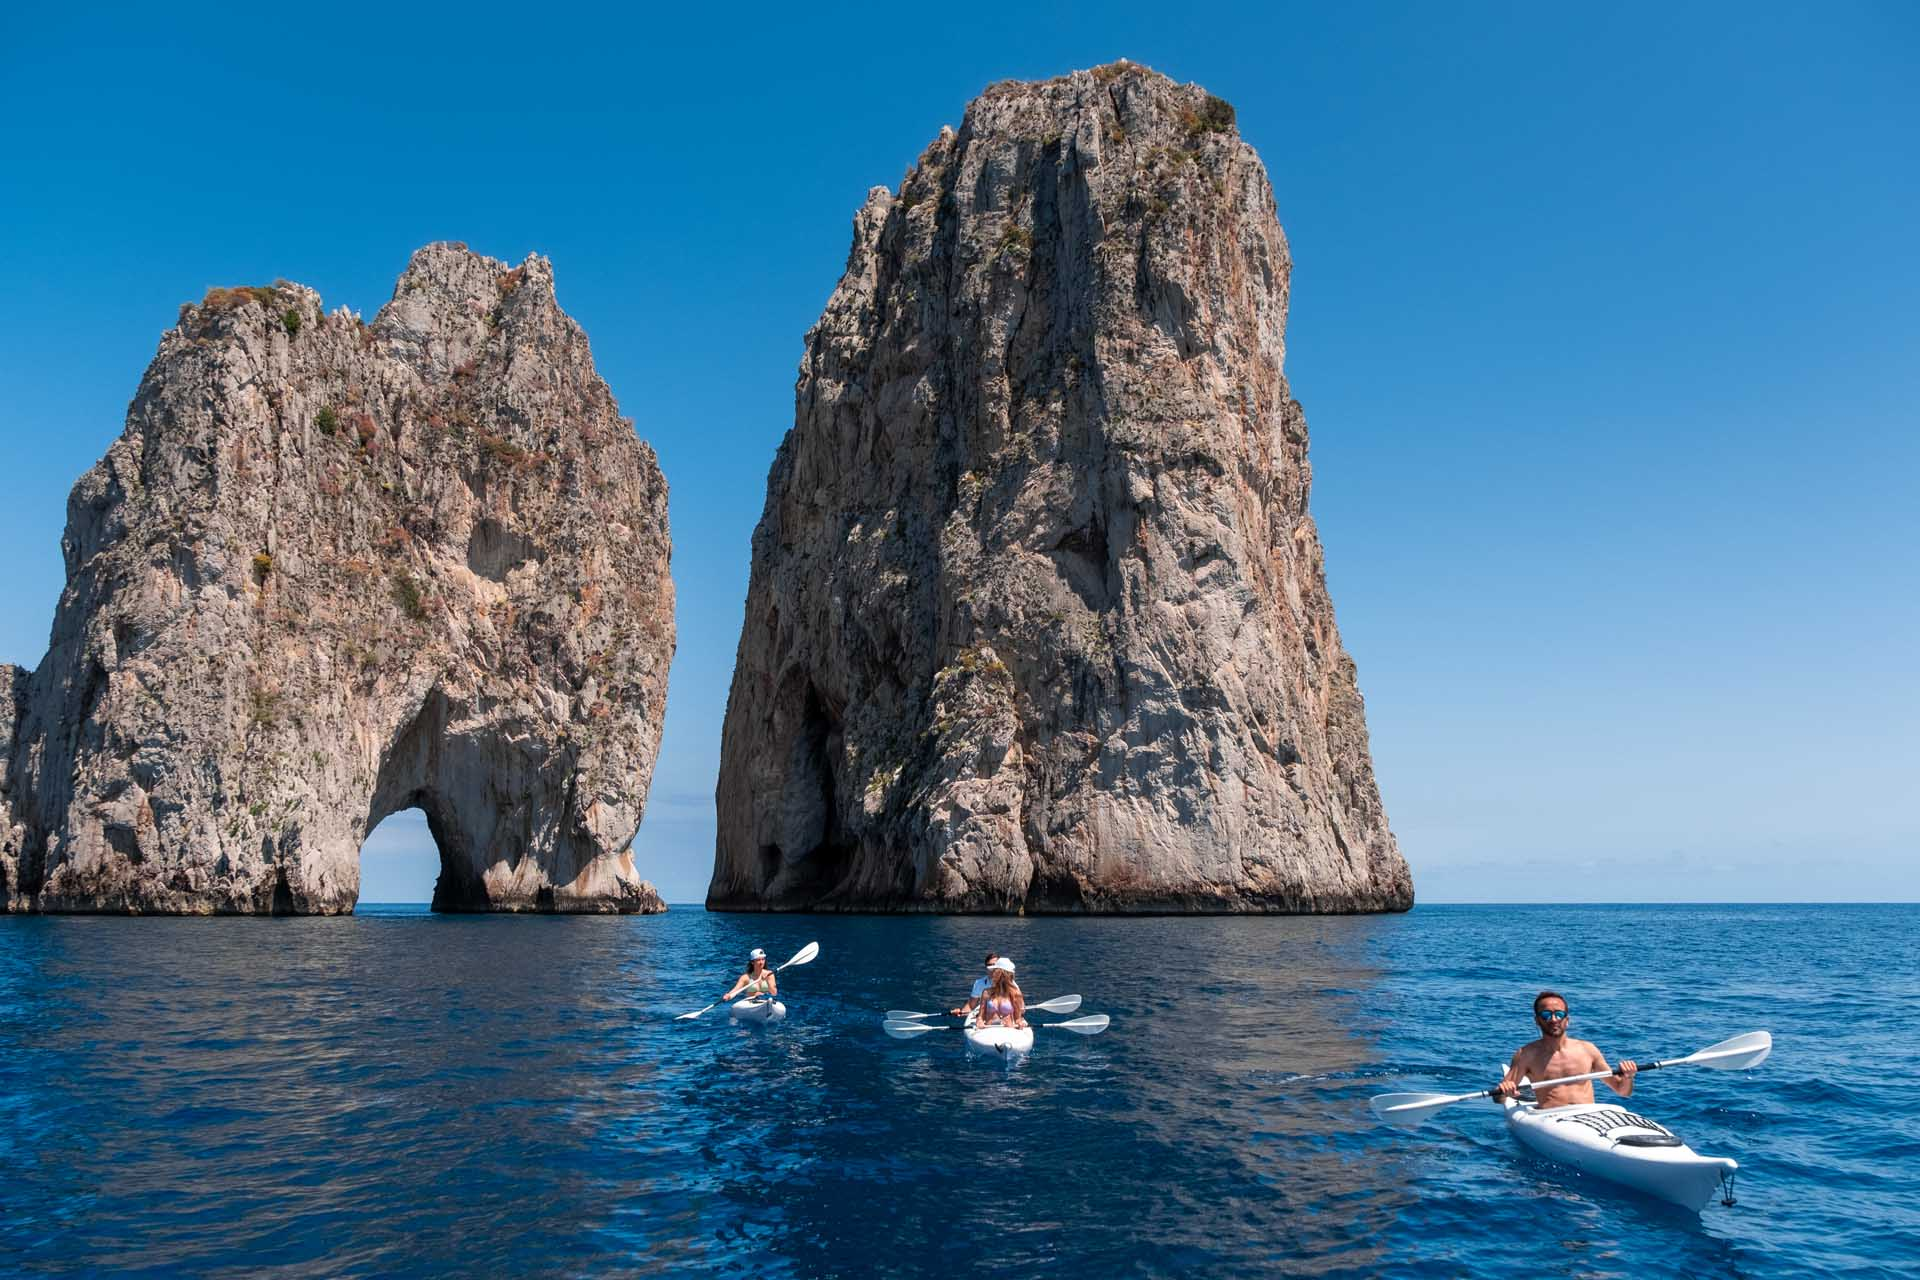 Kayak tours in Capri